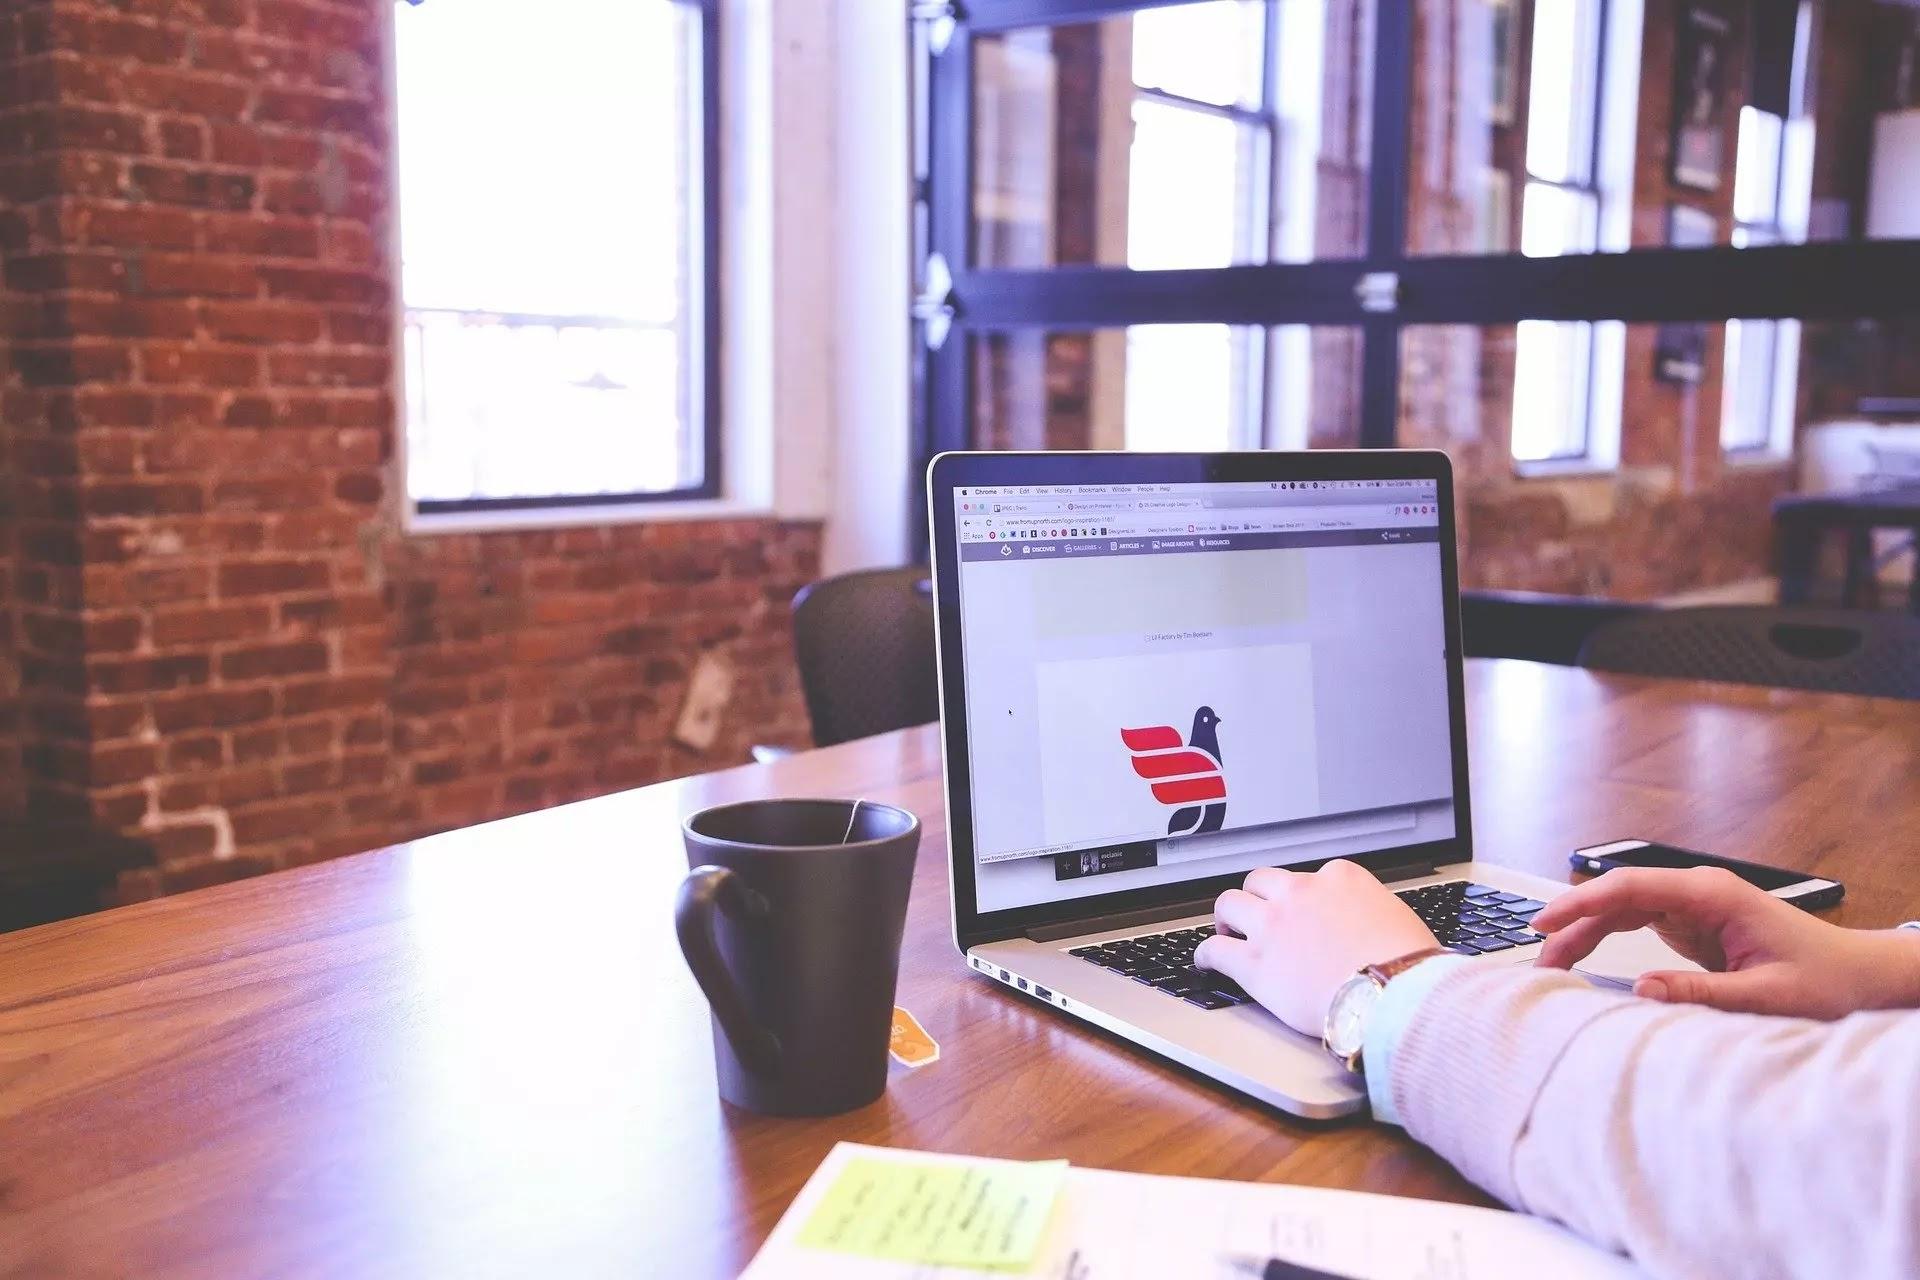 كيفية تسويق منتجاتك خاص بك وتحسين محركات البحث